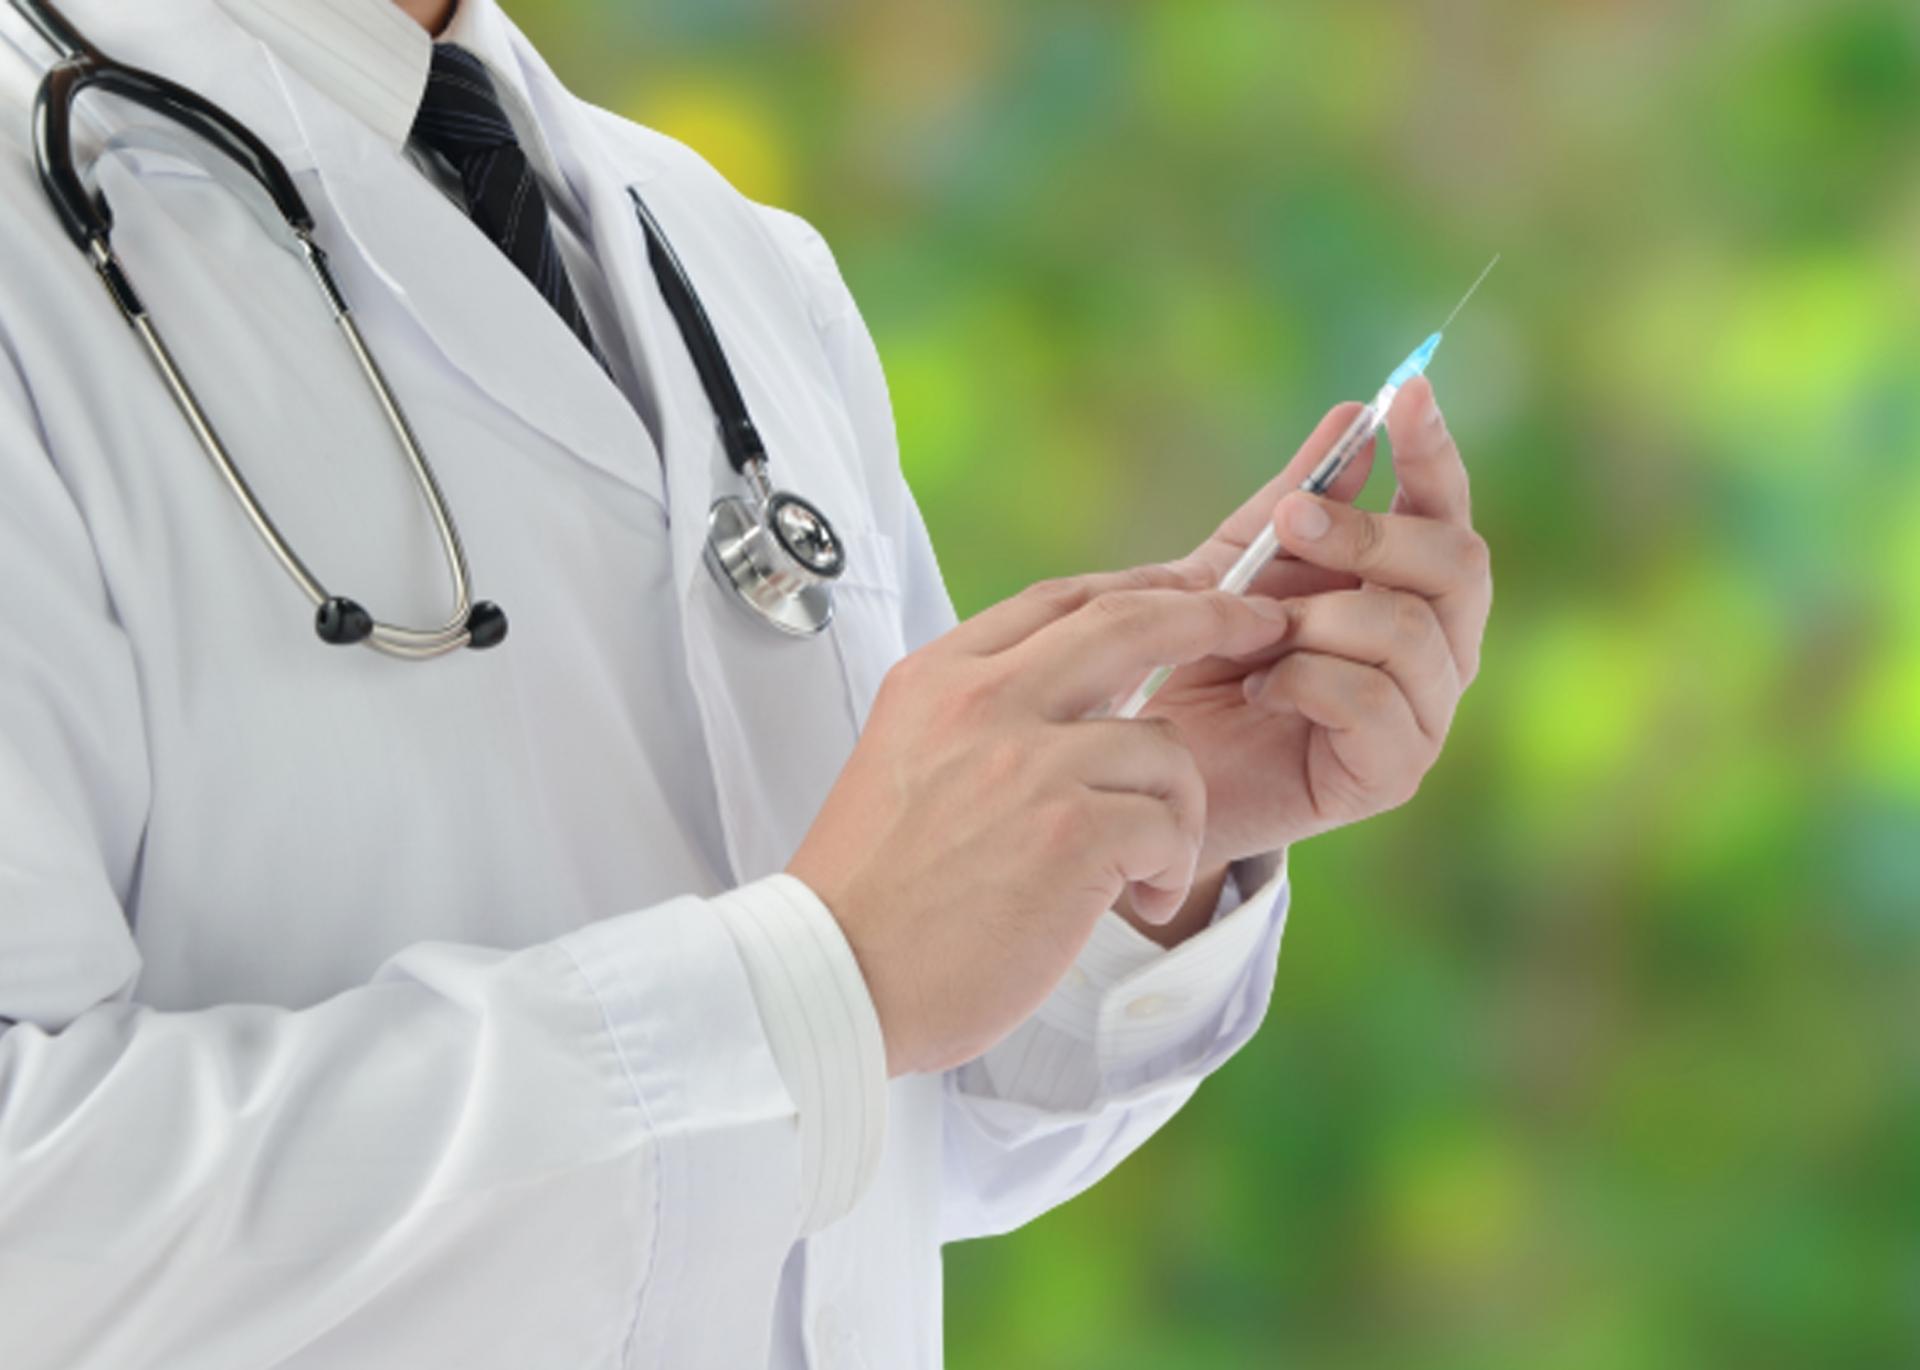 新型コロナウイルスのワクチン1億回分は6月末に調達の見込みに関する画像